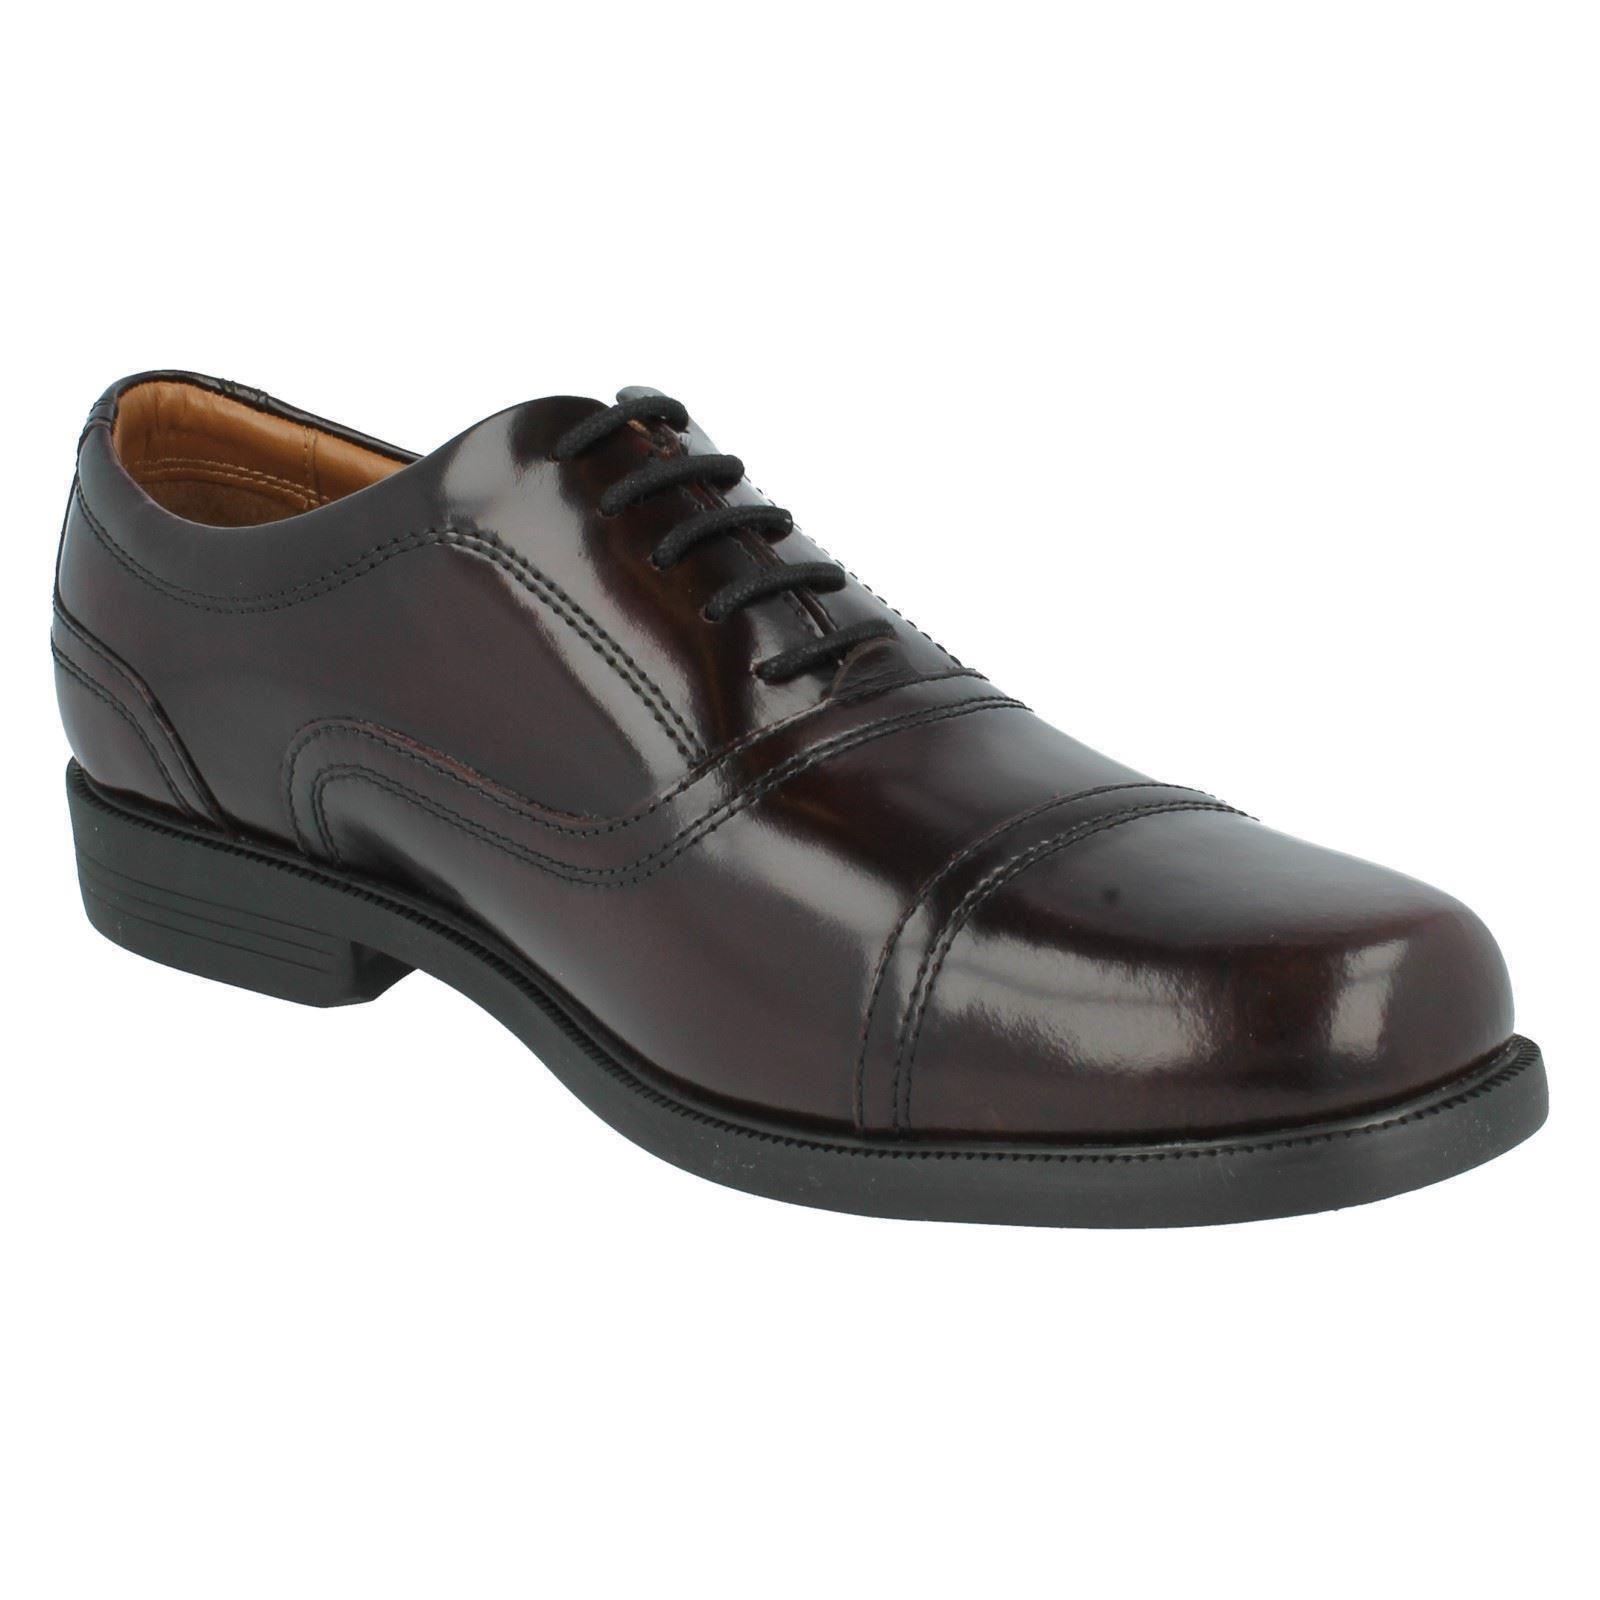 Men's Clarks - Shoes  Style - Clarks  Beeston Cap 31a19a